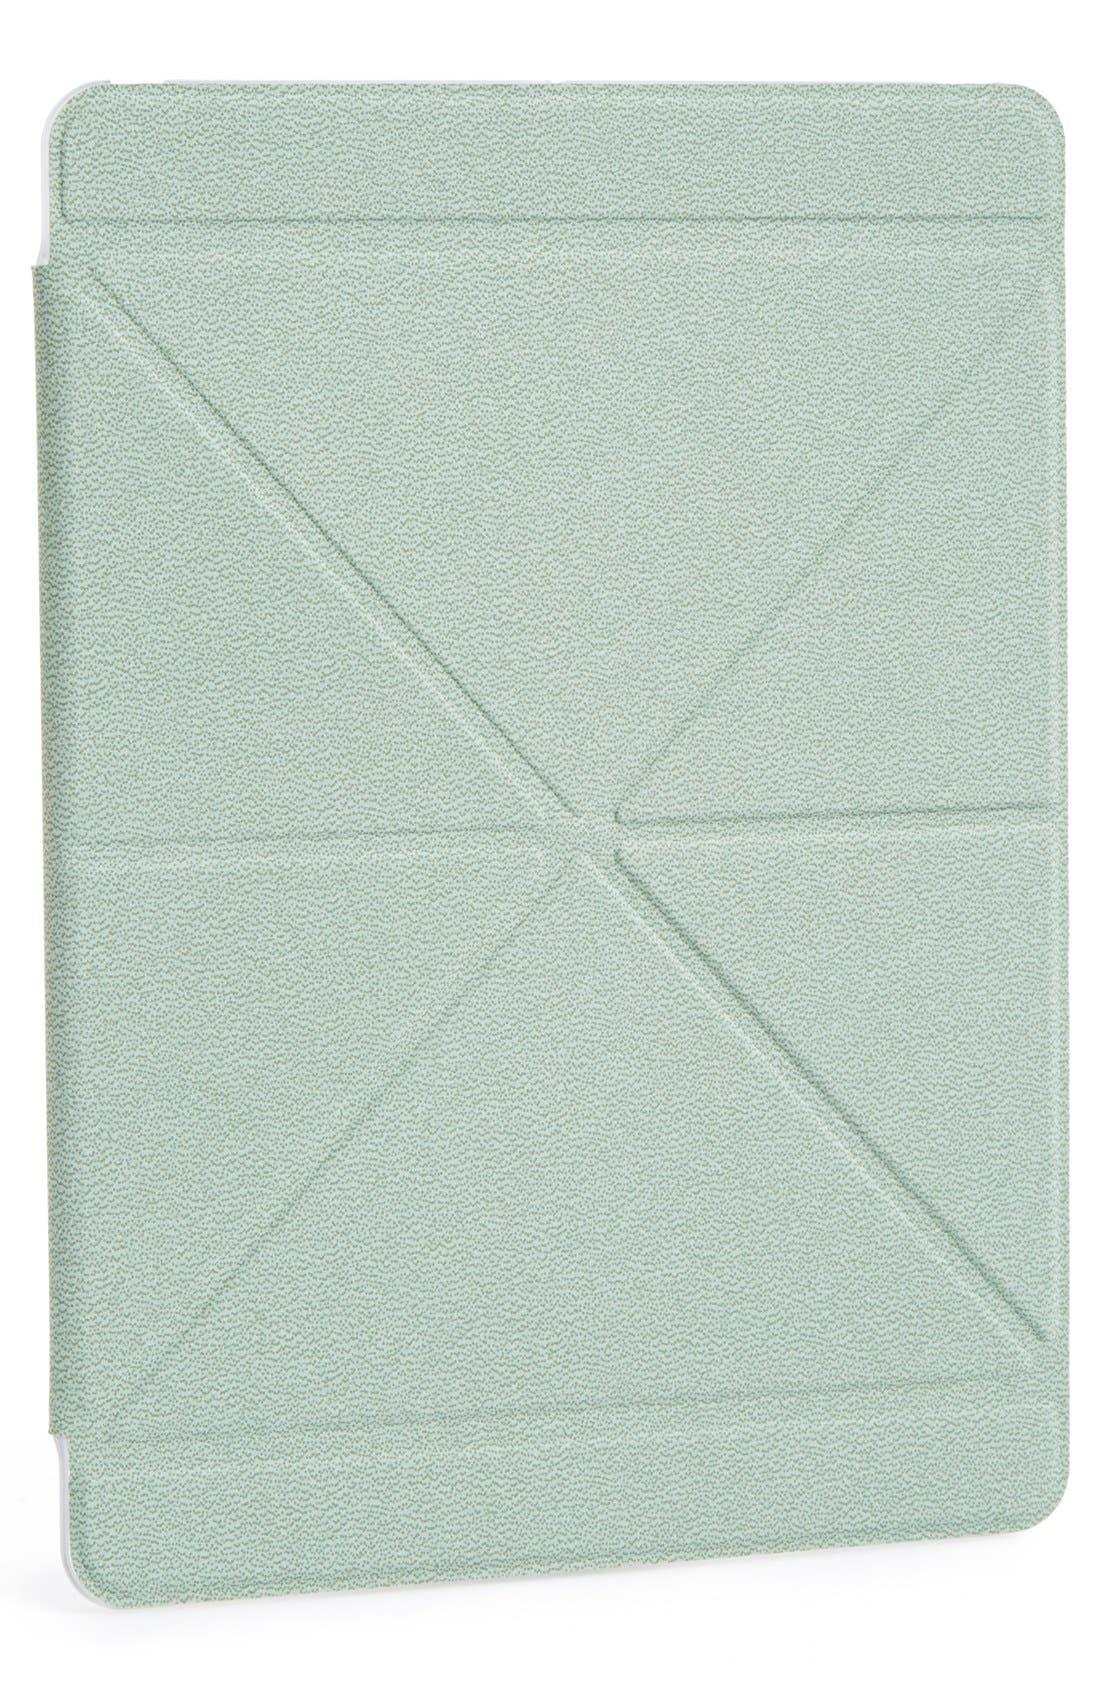 'VersaCover' iPad Air Cover,                             Main thumbnail 1, color,                             300